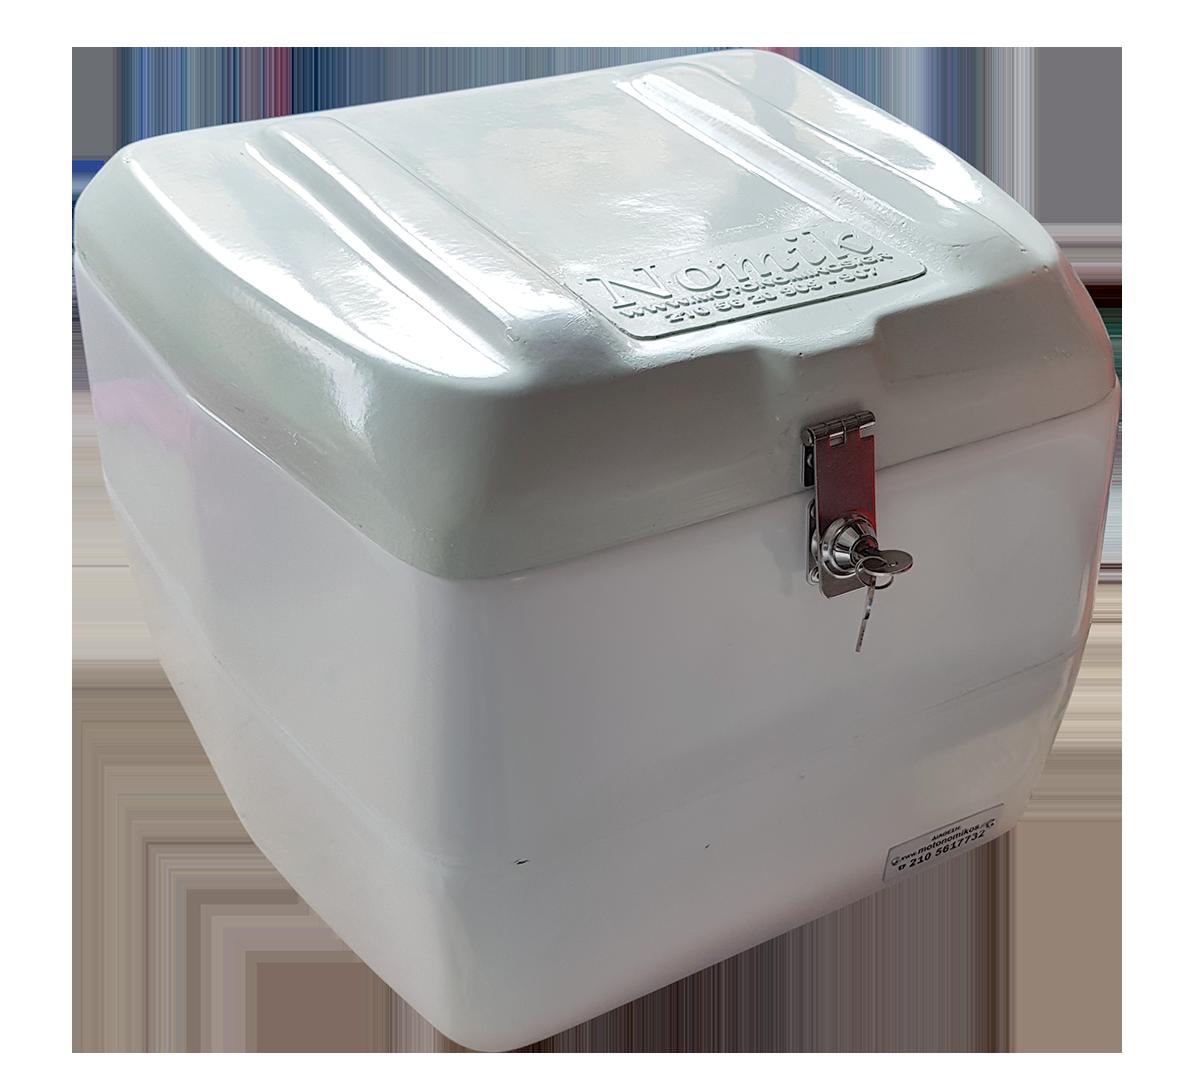 Μικρό κουτί ταχυμεταφορών κούριερ ταχυδρομείου NOMIK δικής μας κατασκευής απο πολυεστέρα τύπου ΕΛΤΑ SPEED